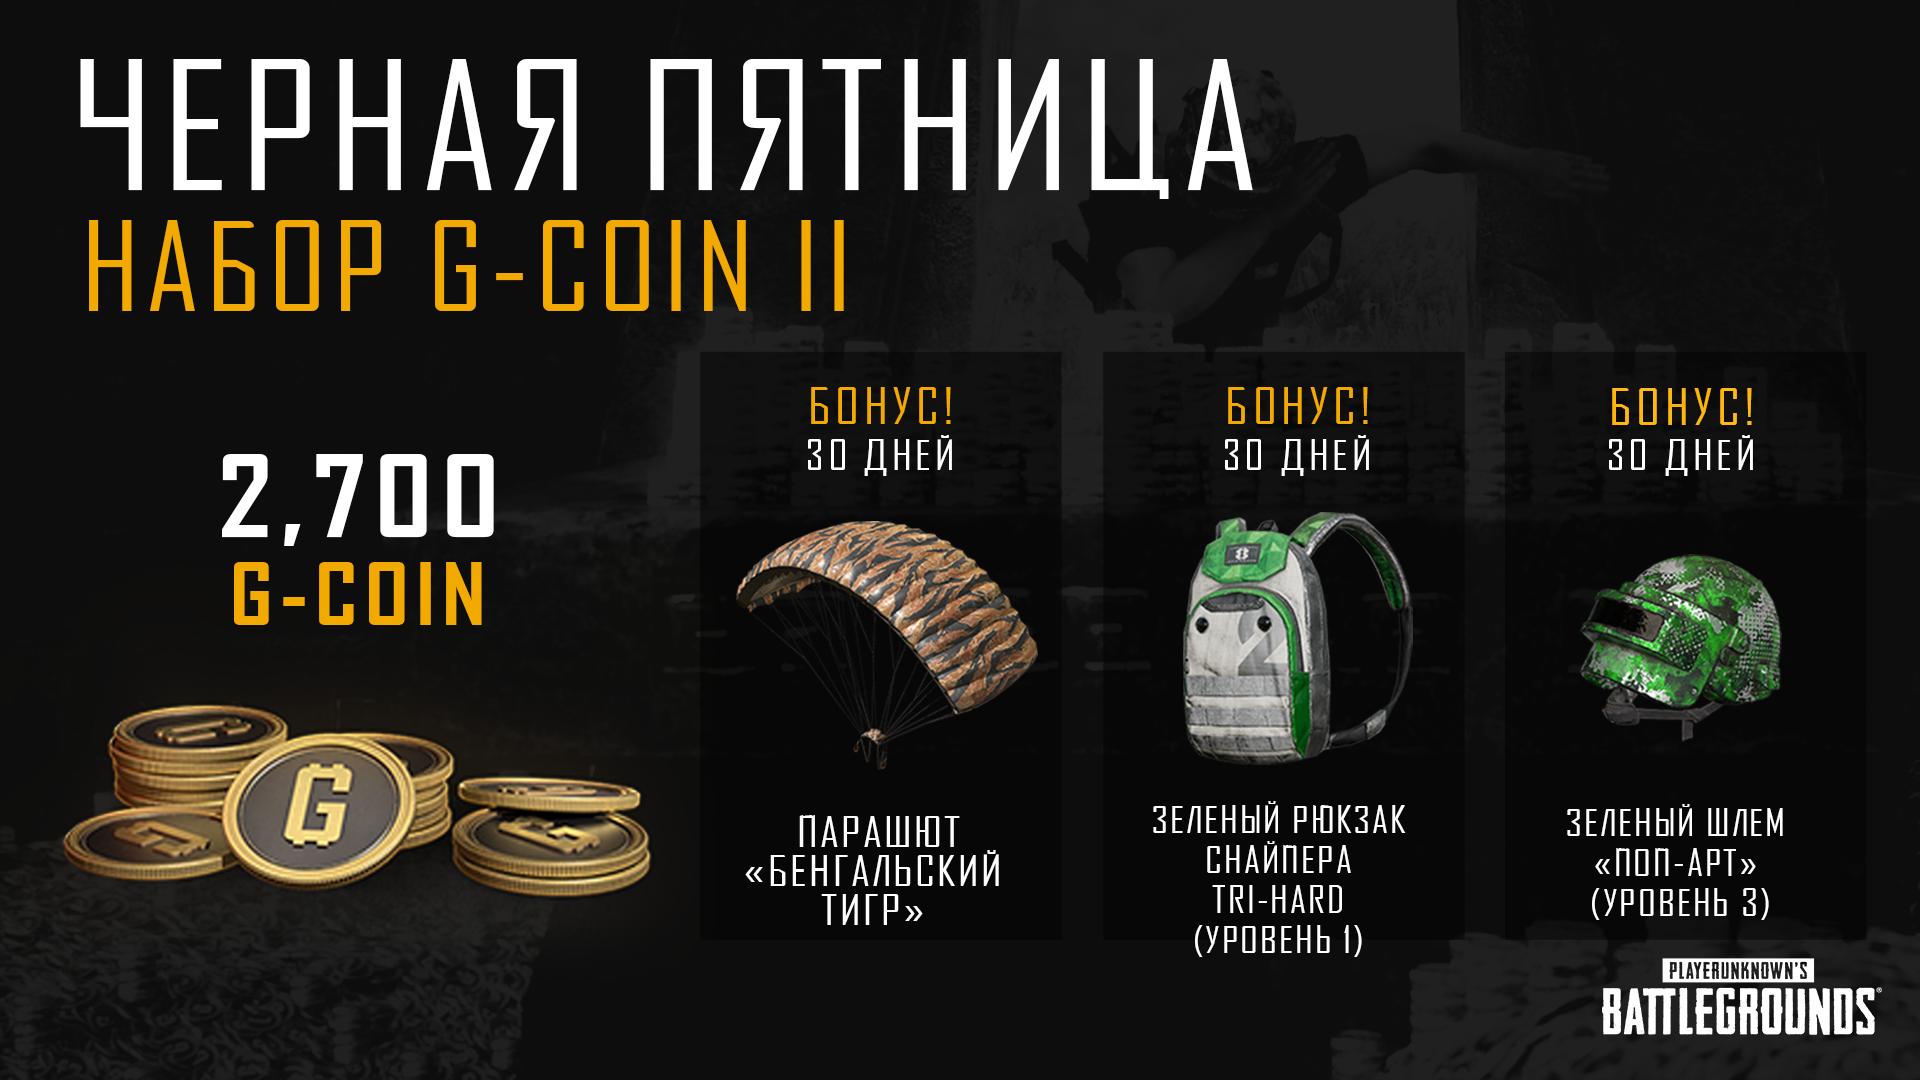 В PUBG появились скидочные наборы G-Coin. Бонусом дают временные скины